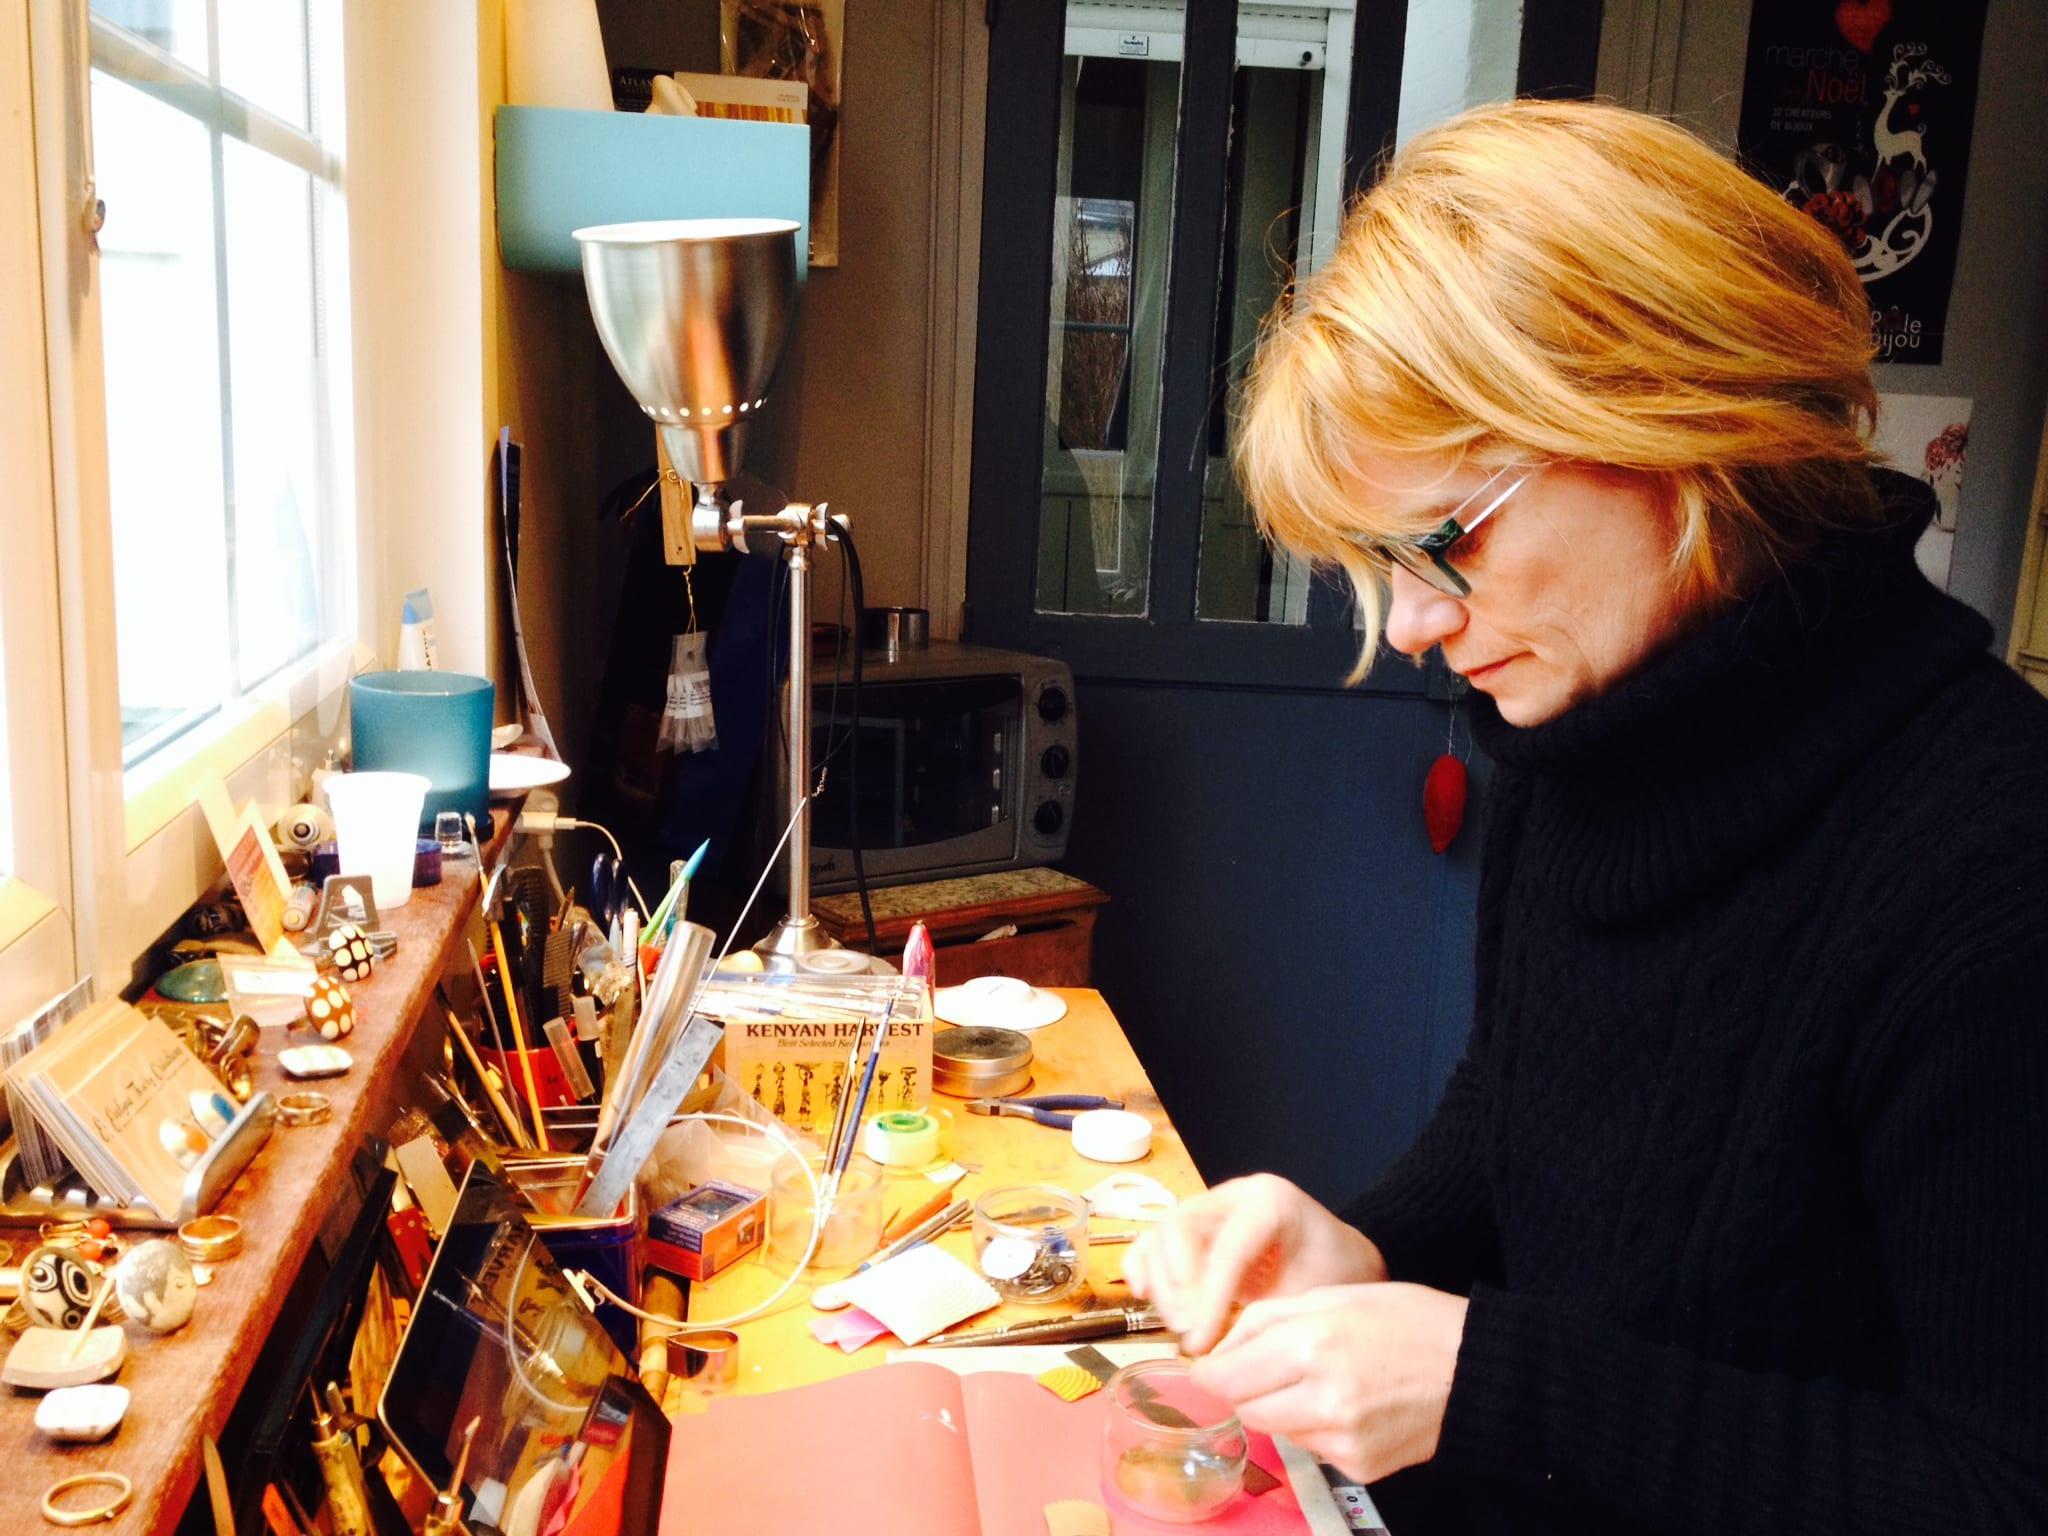 Atelier de fabrication de bijoux contemporains